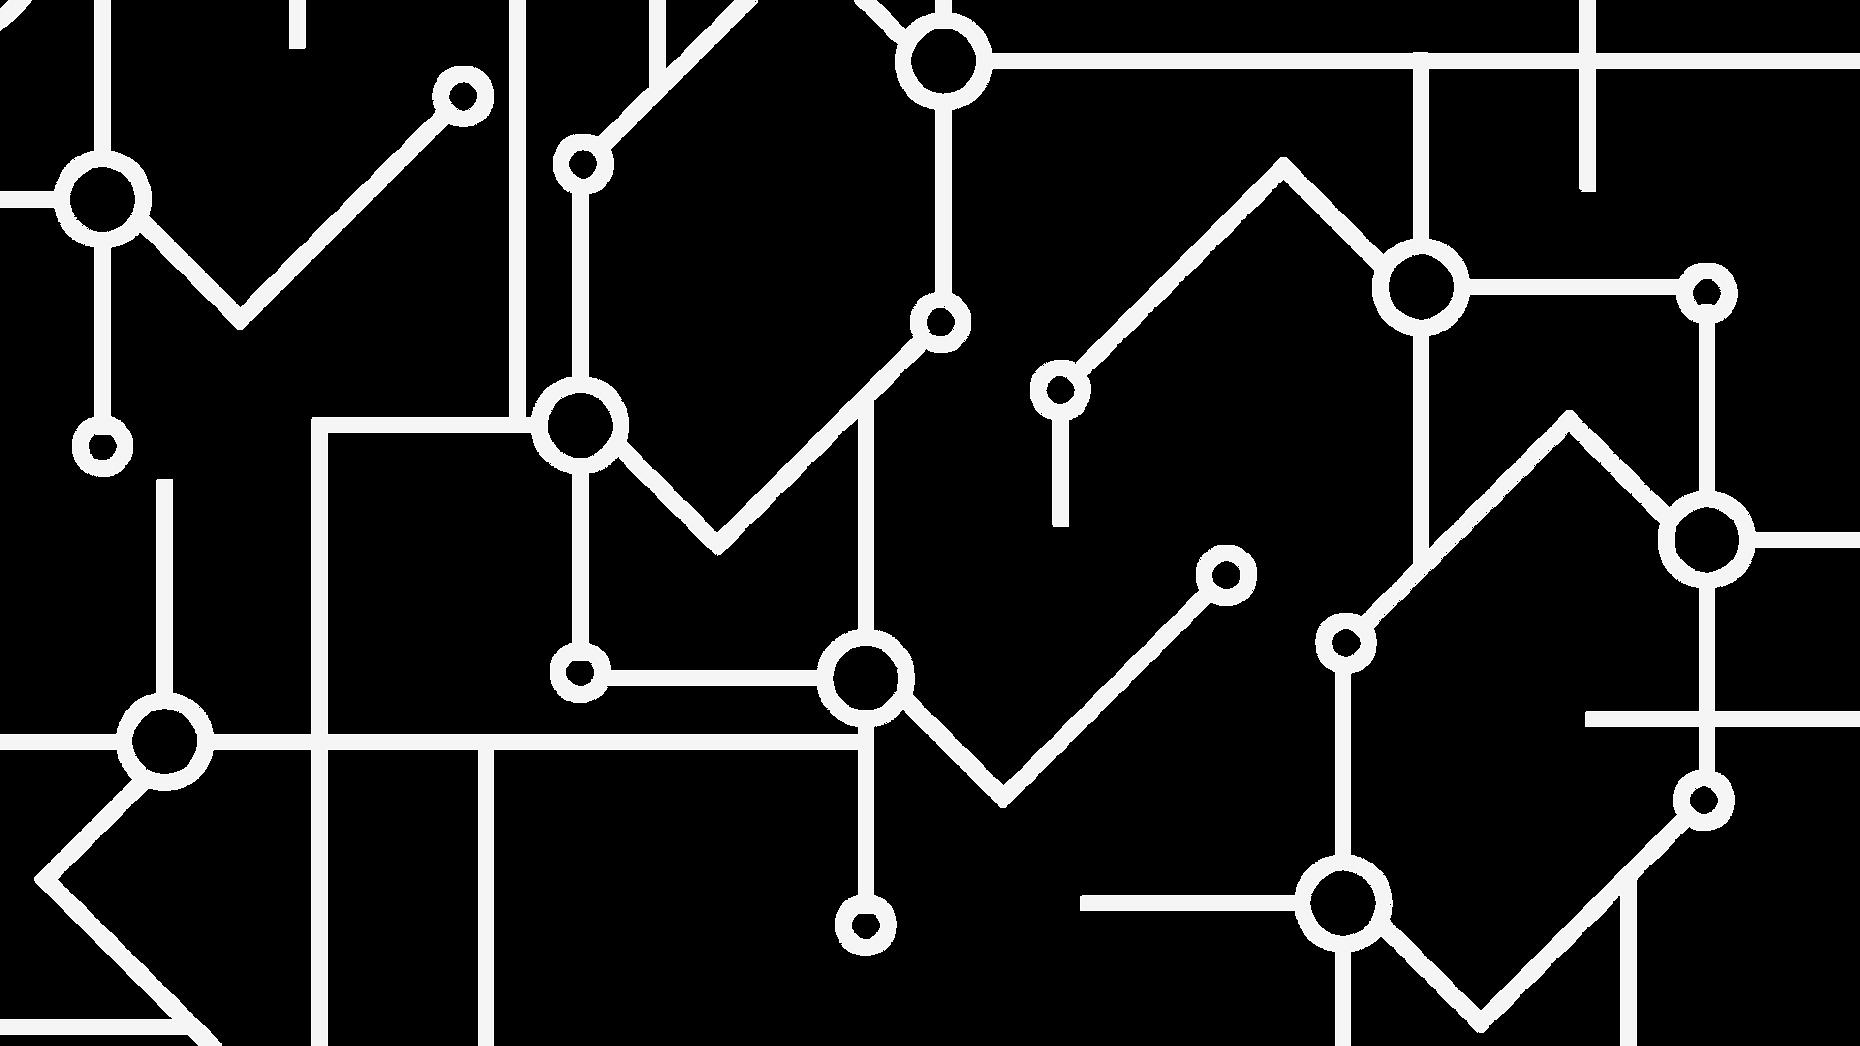 pattern_02-01.png